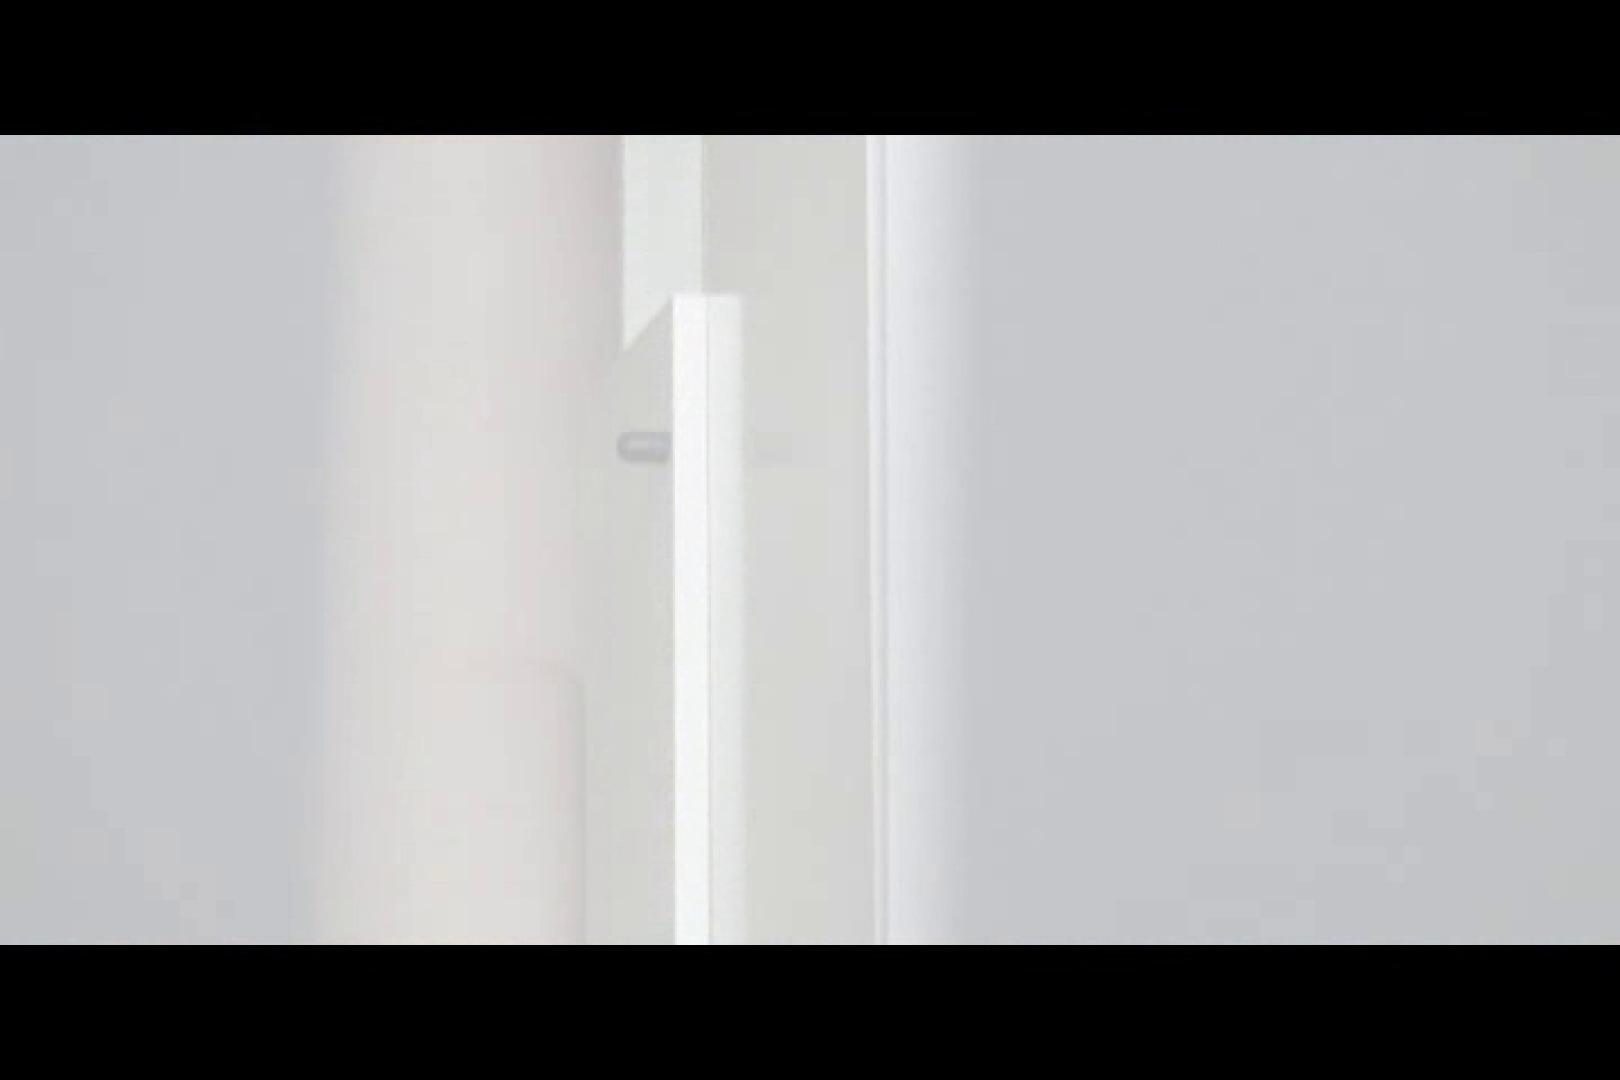 独占配信!無修正! 看護女子寮 vol.06 シャワー われめAV動画紹介 64連発 3